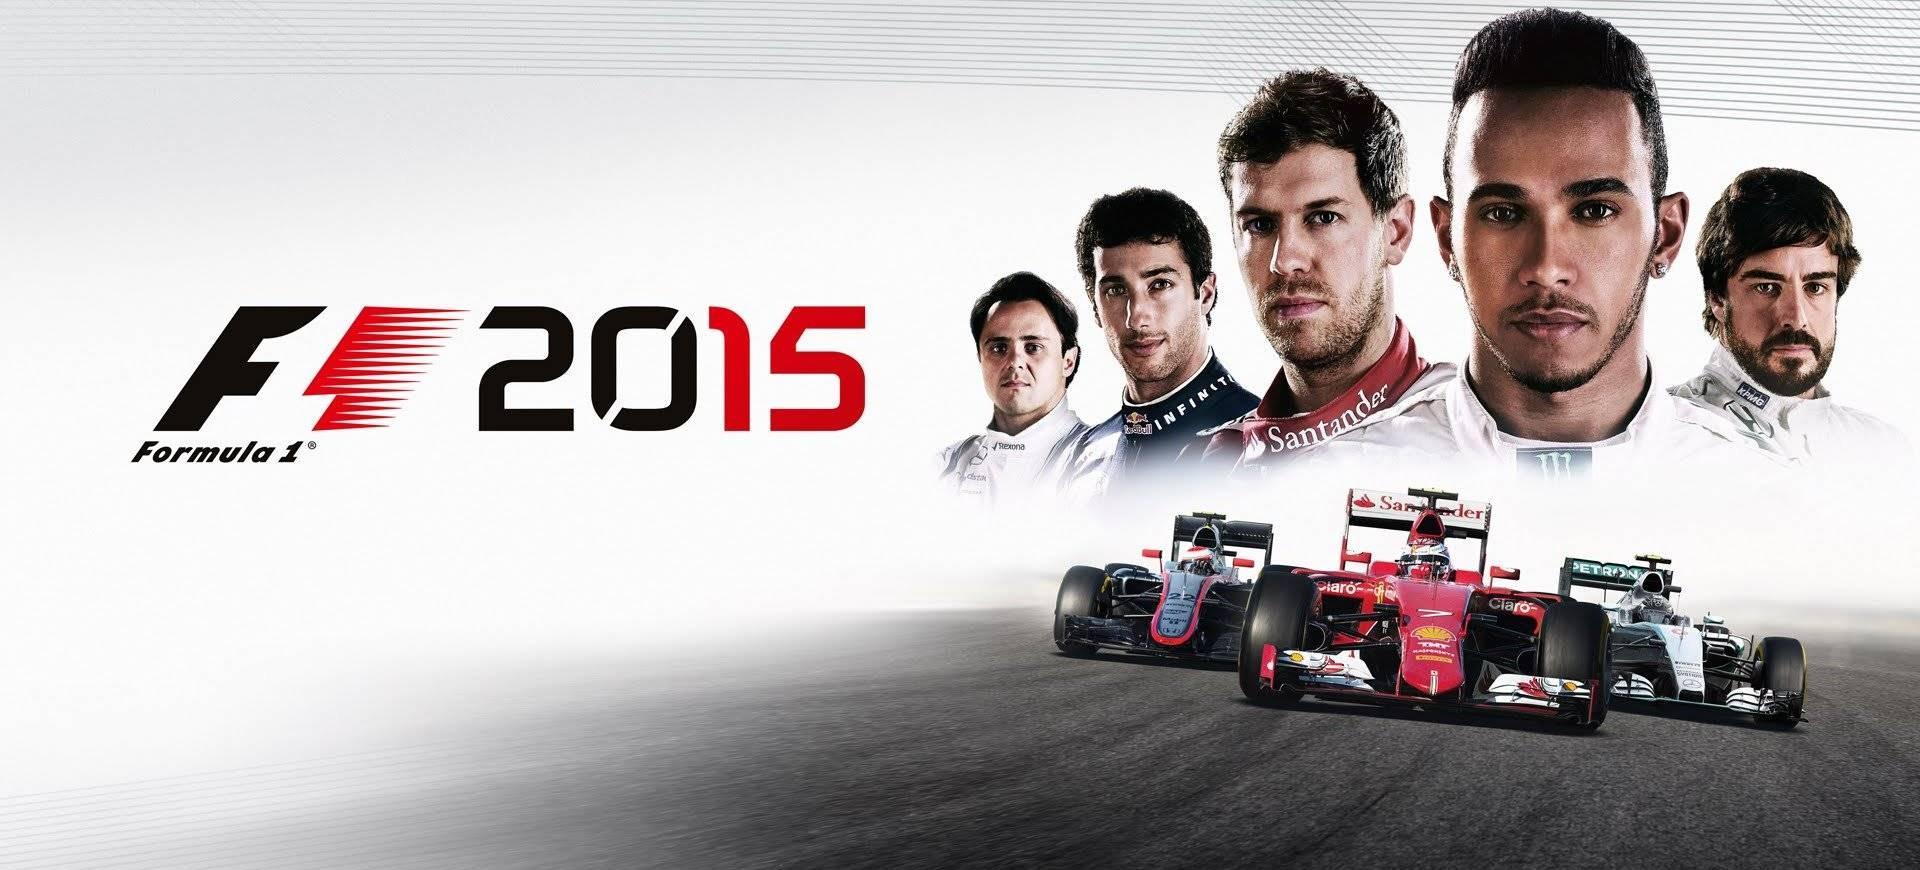 F1 2015 - Đánh Giá Game